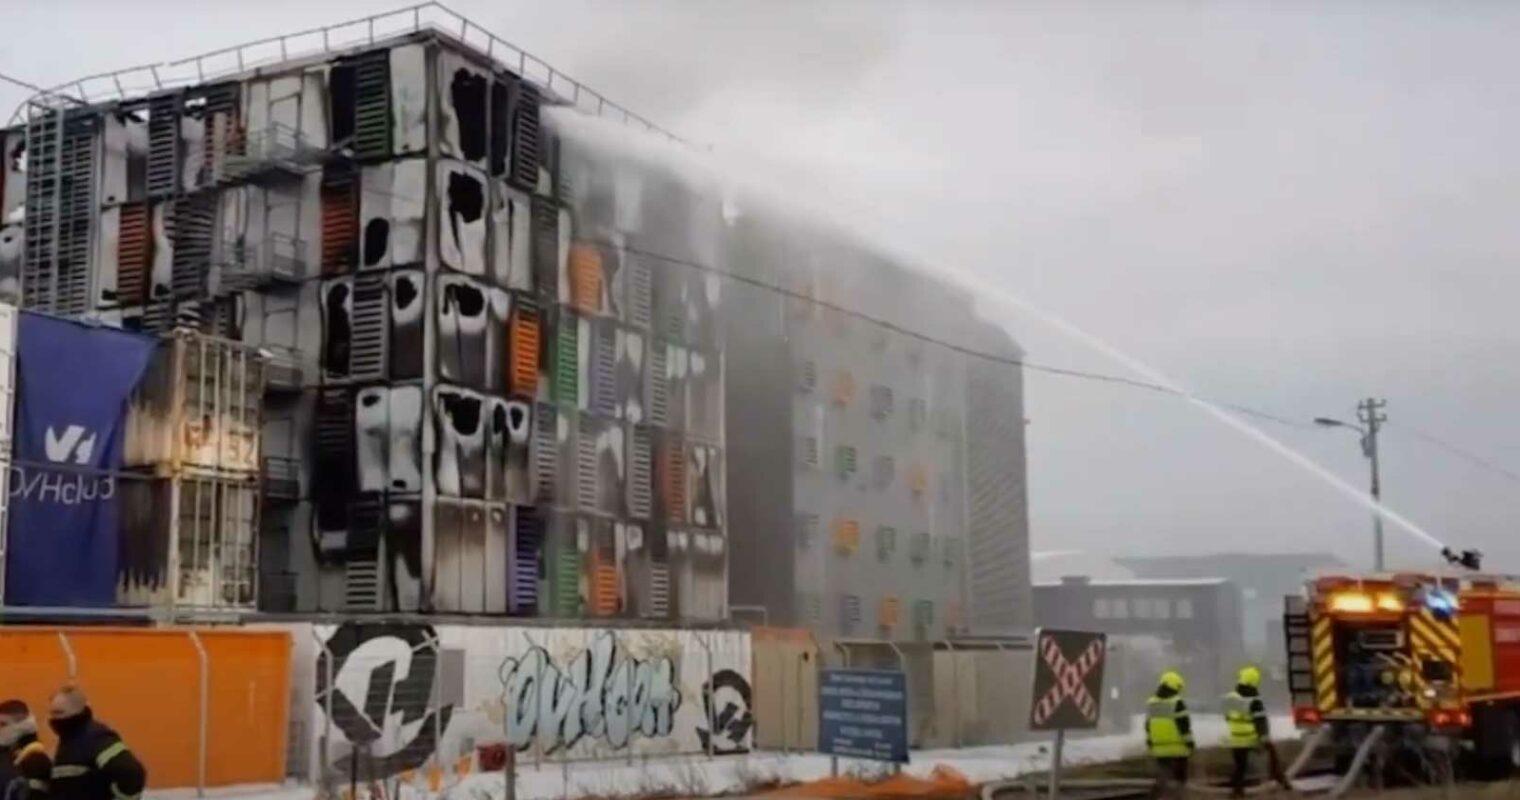 OVH data center fire